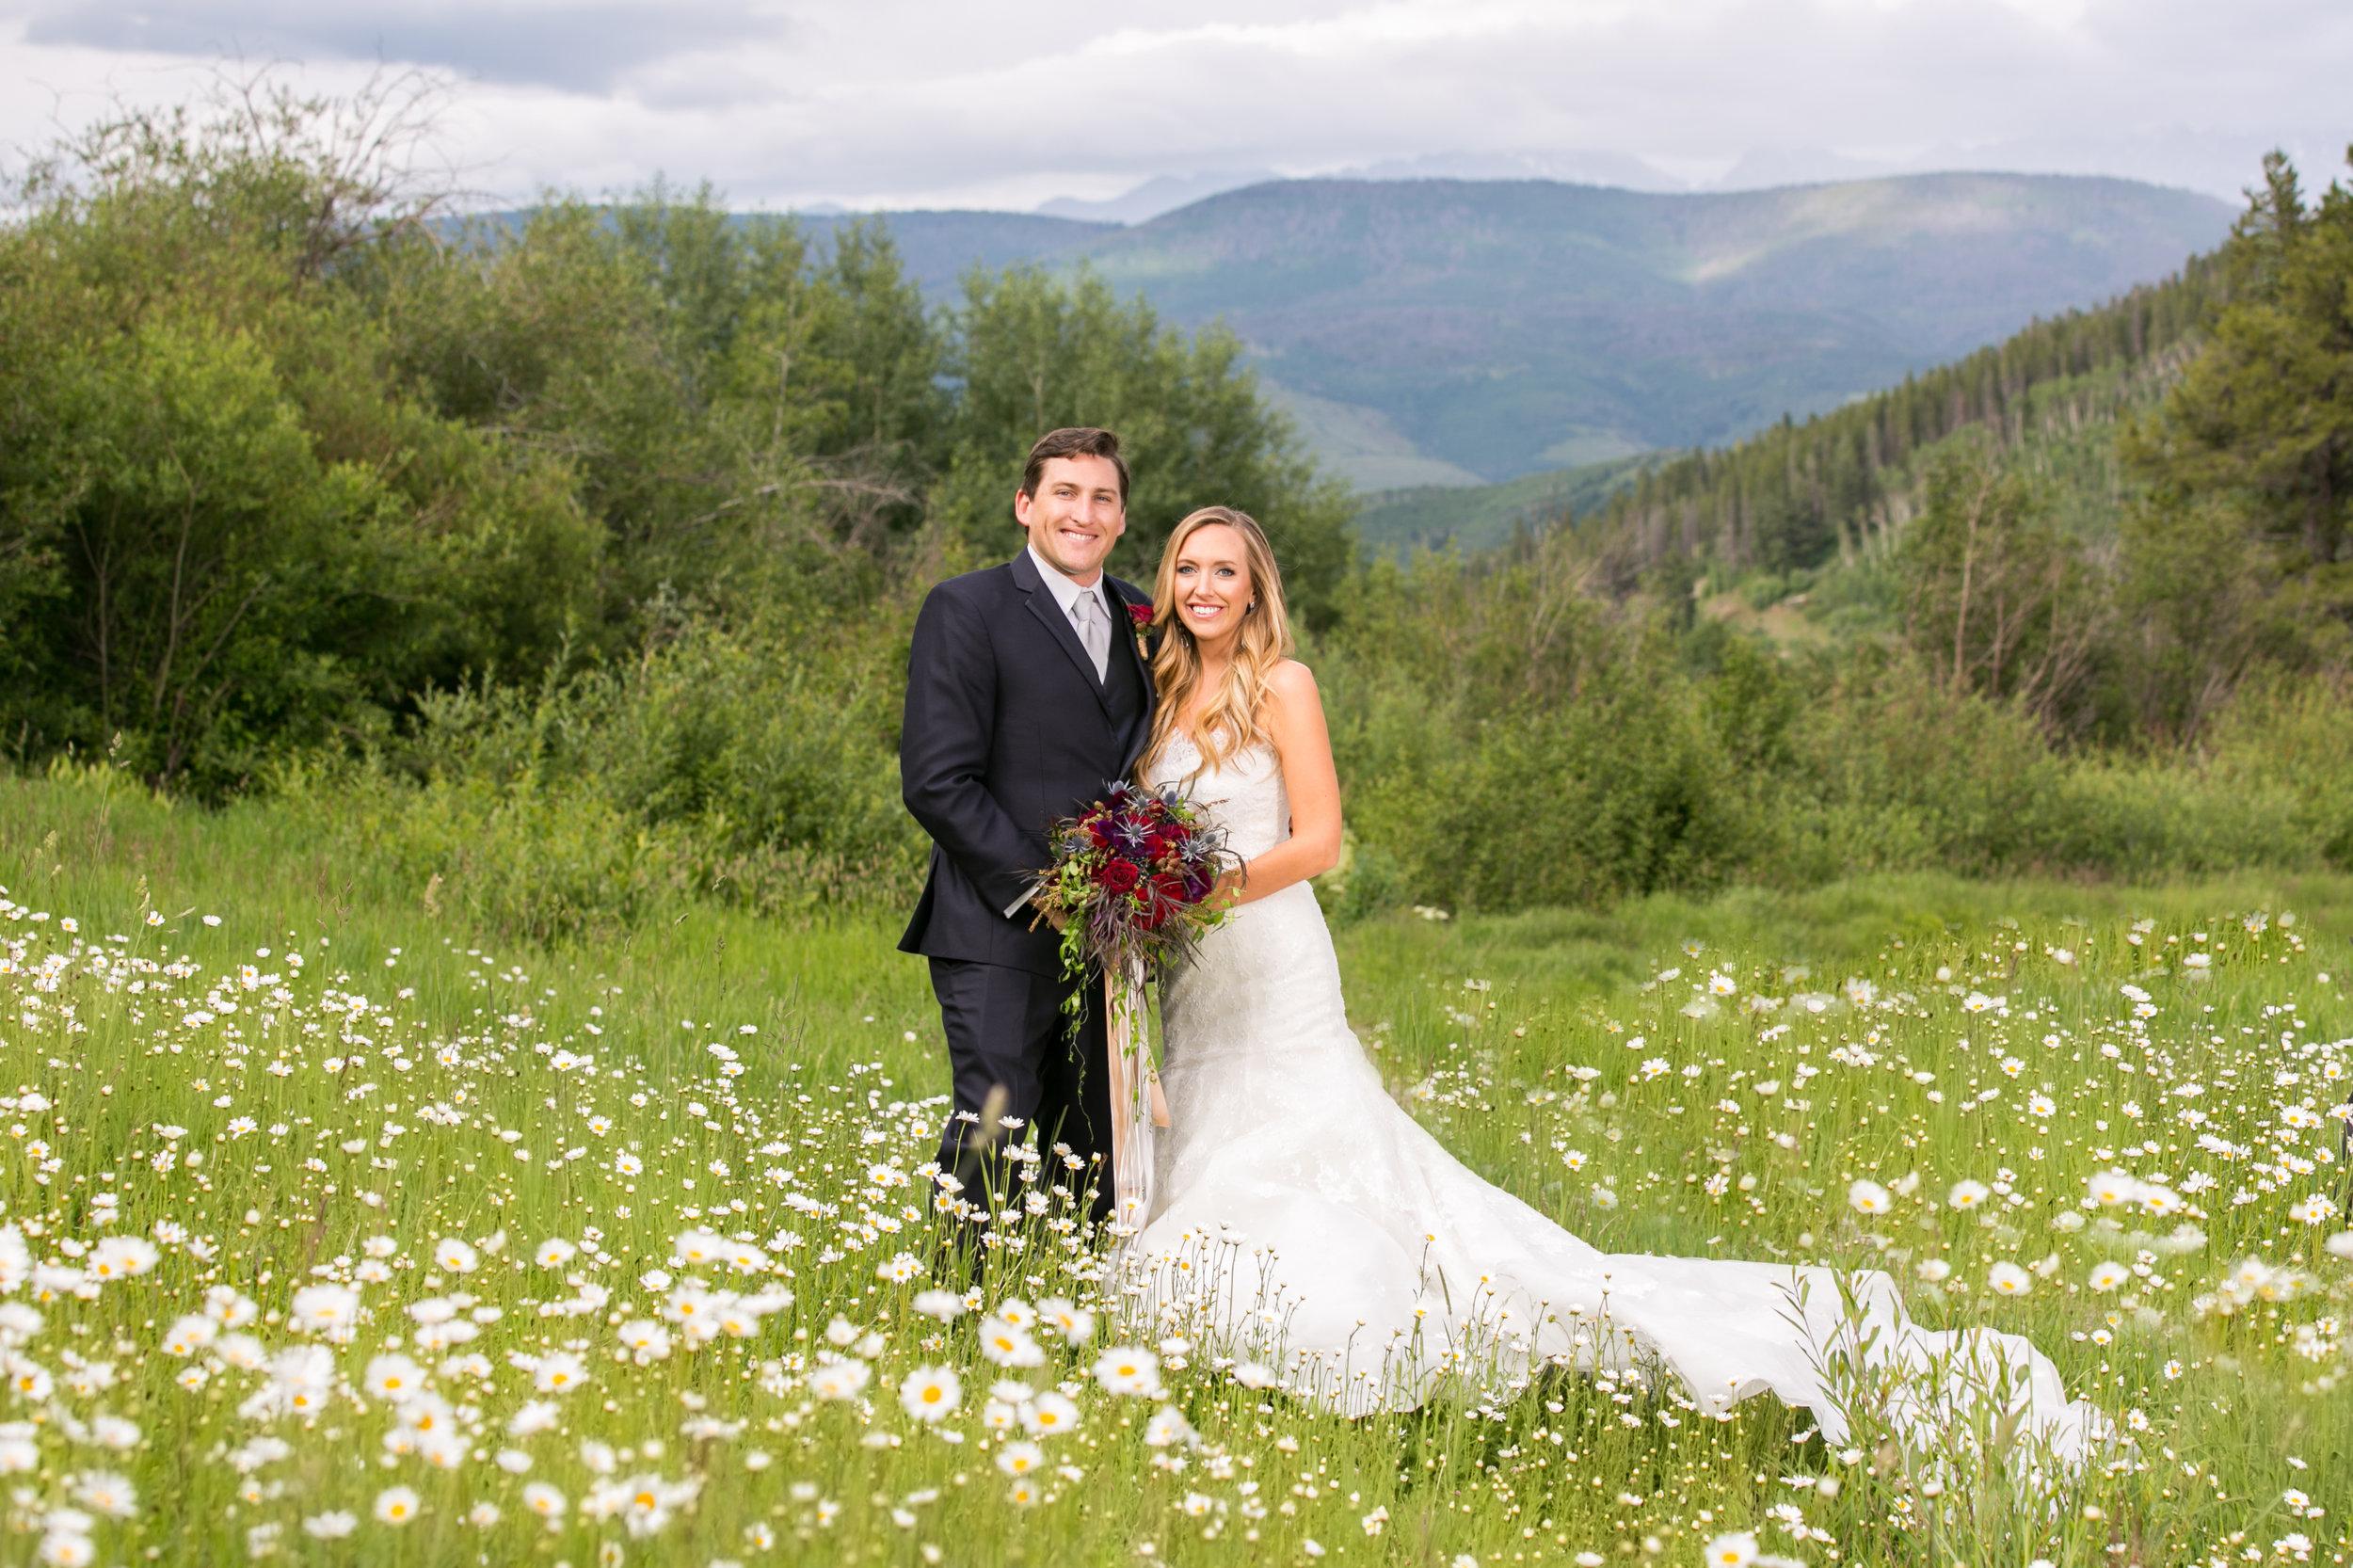 mountain-top-wedding-axelphoto.jpg